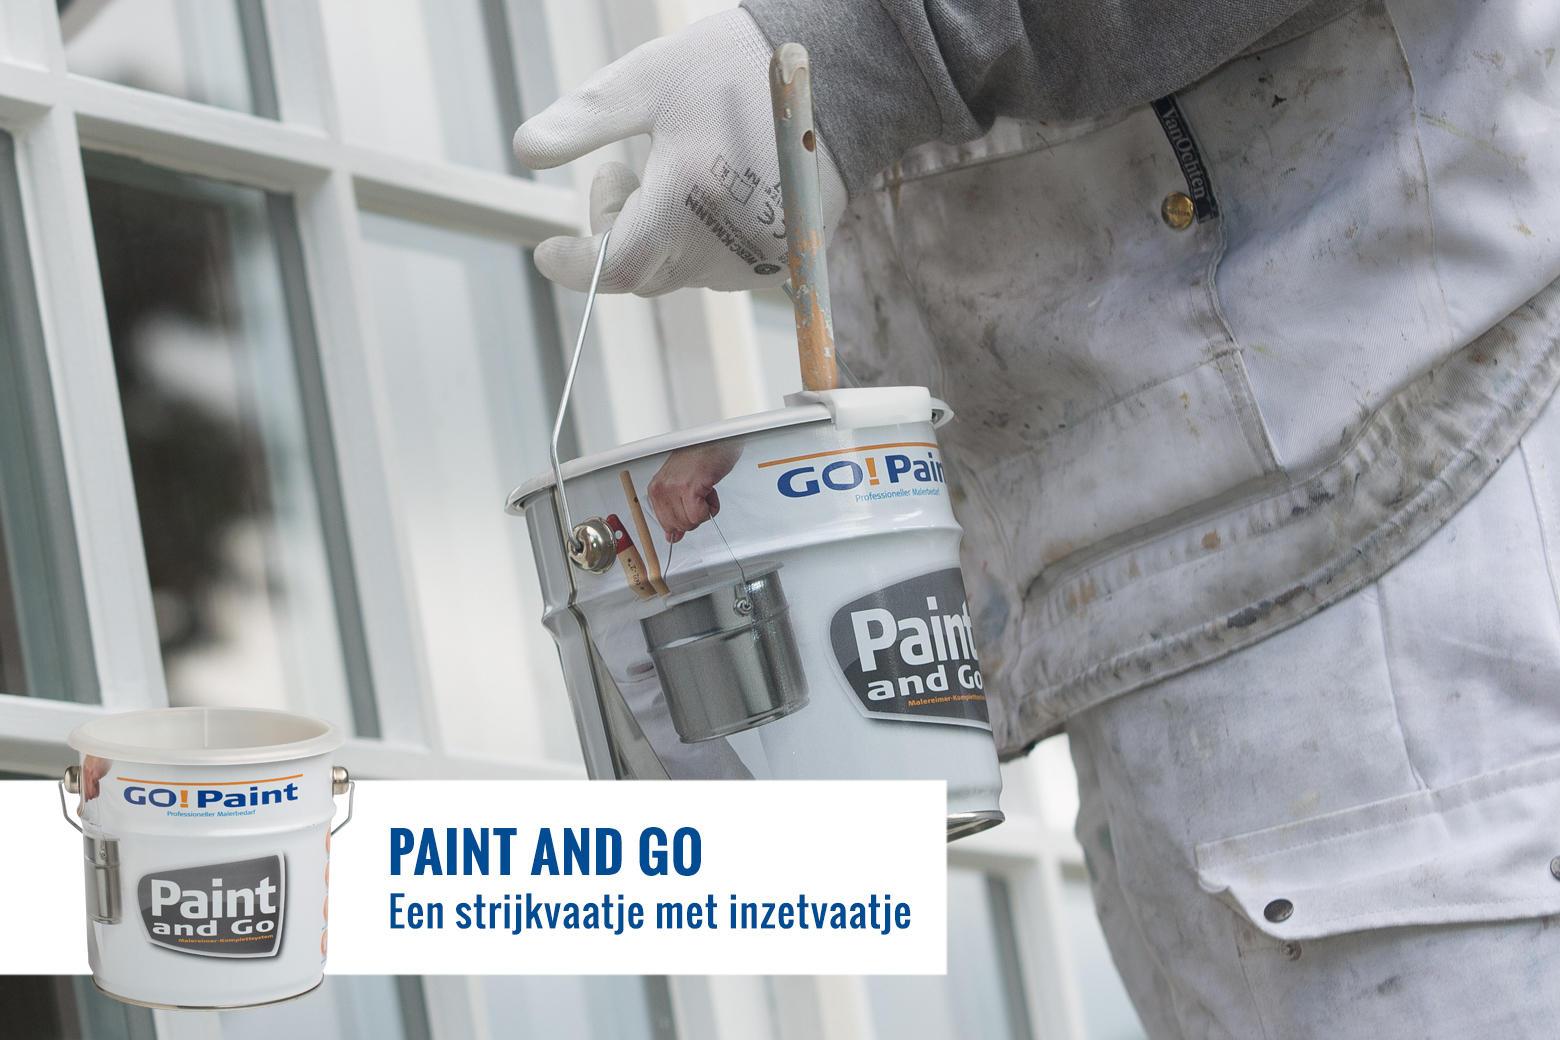 De professionele schilder gebruikt een verzetblik met inzetvaatjes voor vrijwel elke klus.